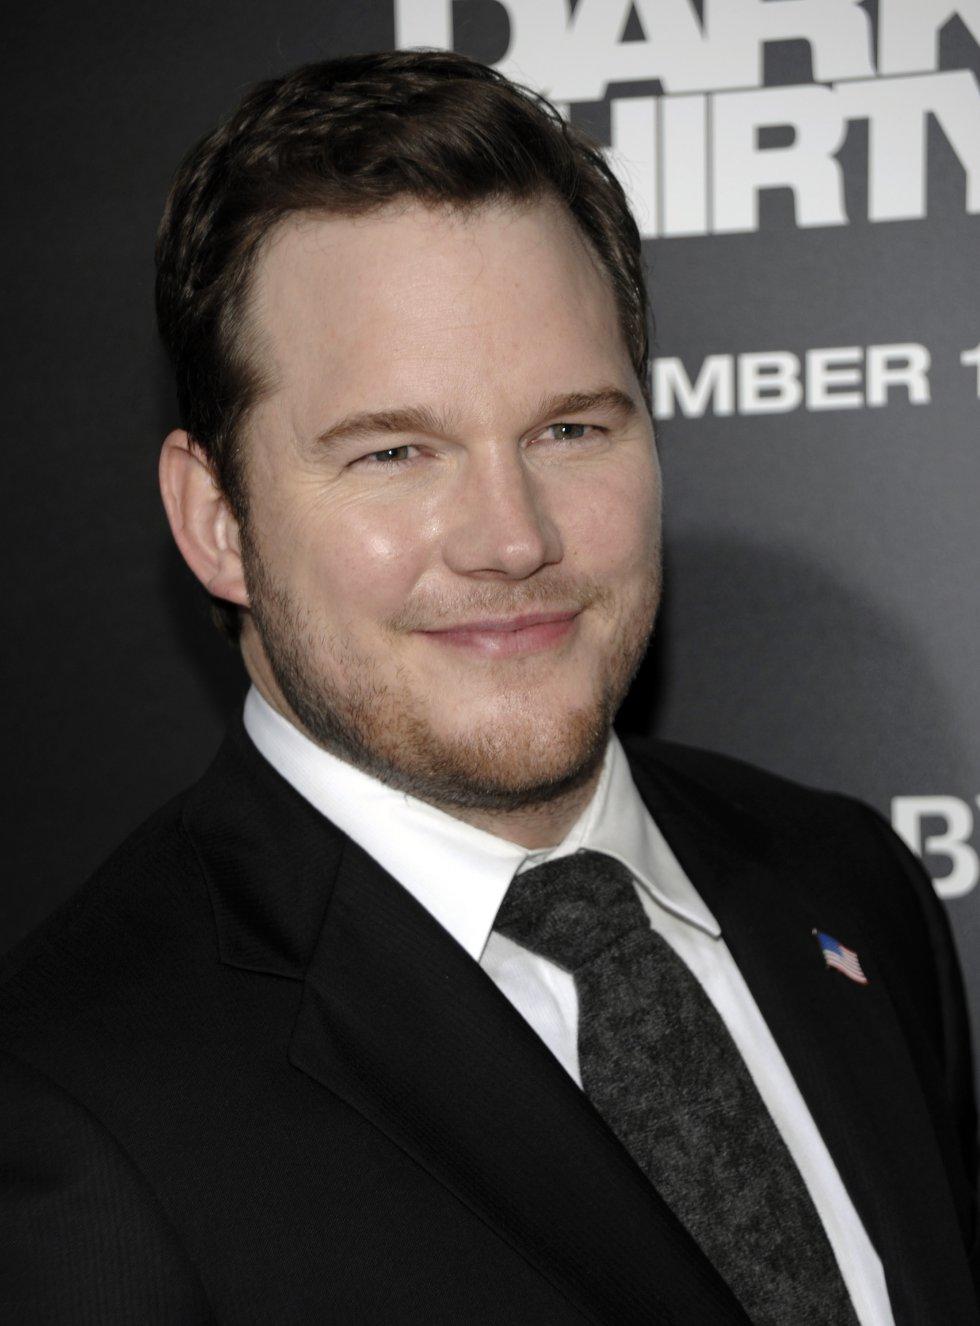 Así lucía el actor en el año 2012 cuando fue el estreno del film 'Zero Dark Thirty'.